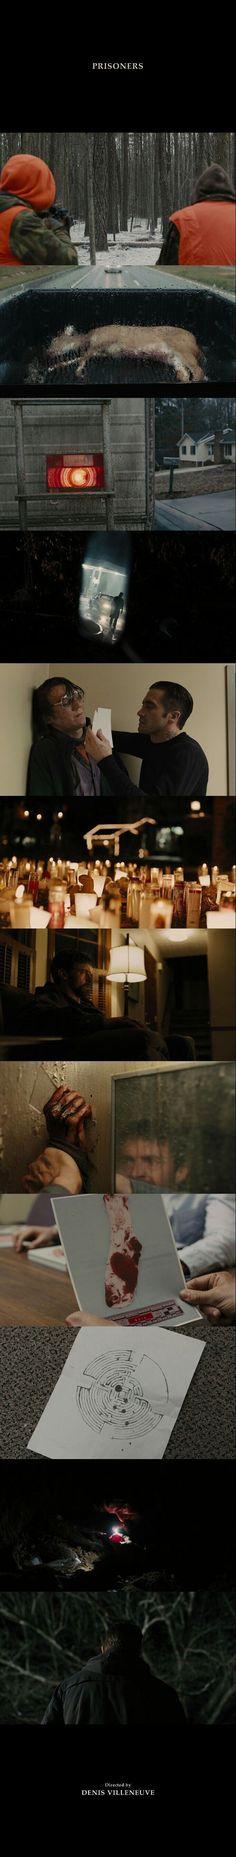 Prisoners(2013) Directed by Denis Villeneuve. Cinematography by Roger A. Deakins. #FilmmakingTricks #ShortFilms